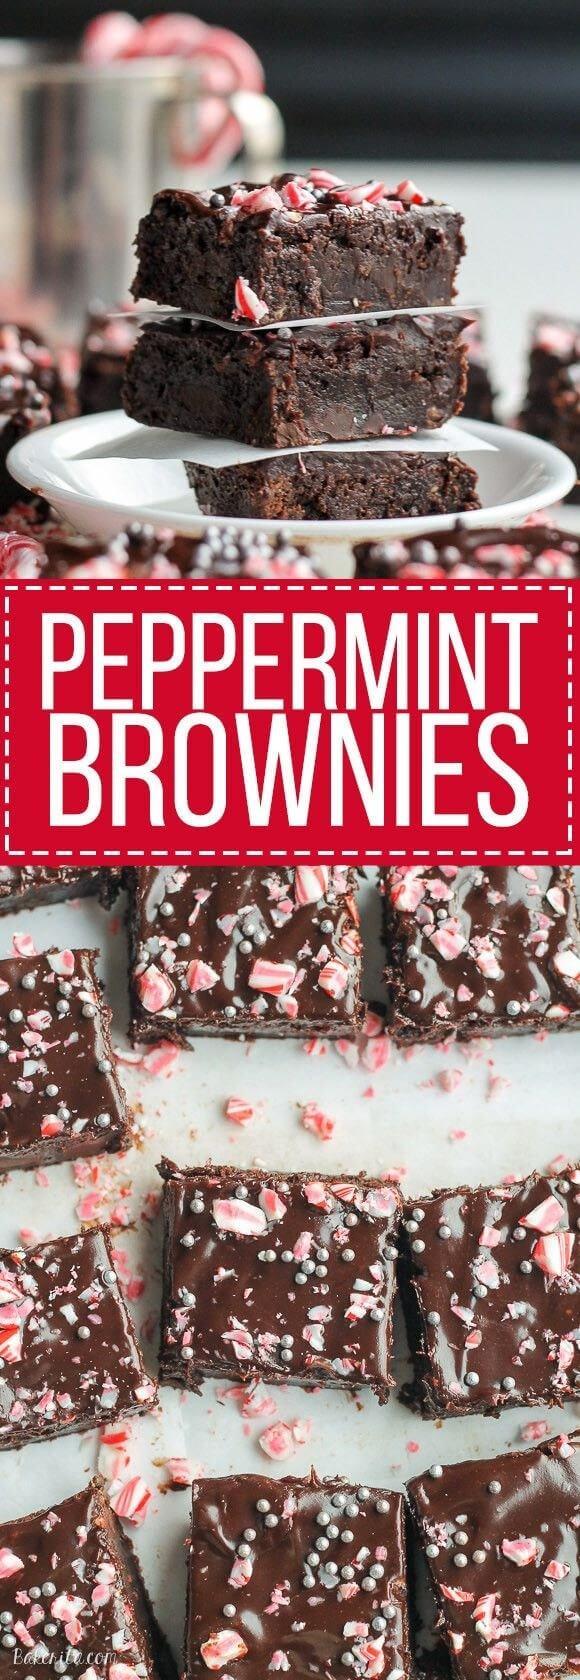 peppermin brownies